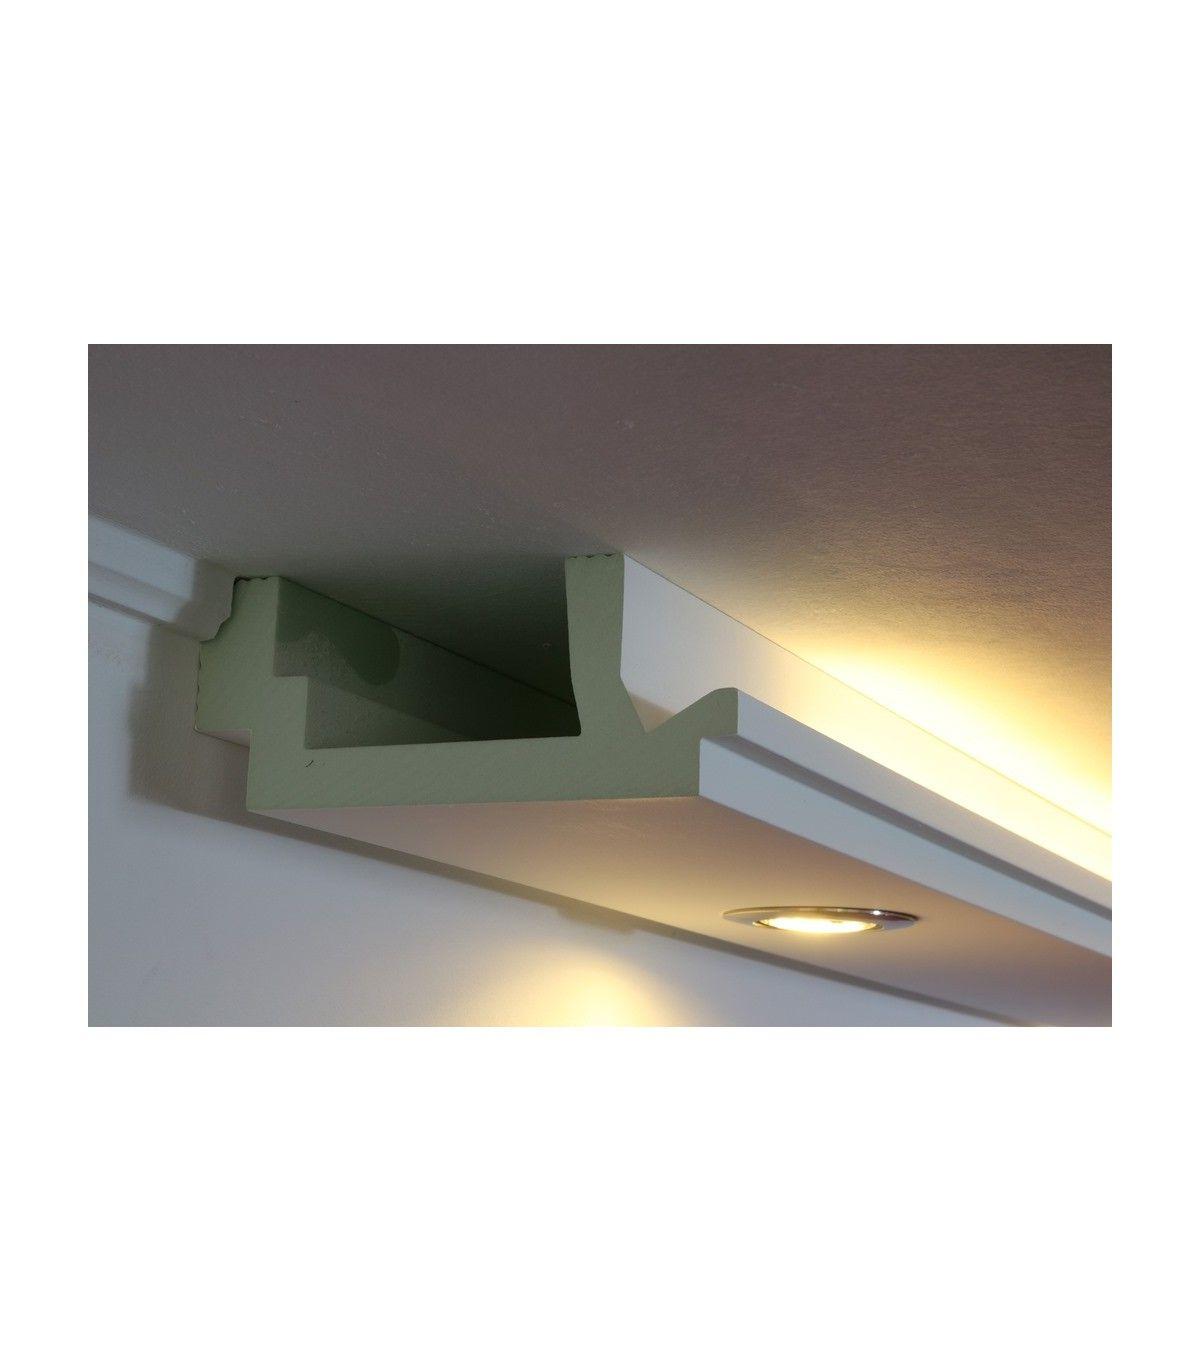 Led Stuckleisten Fur Indirekte Beleuchtung Wand Und Decke Wdml 200c Pr Mit Bildern Beleuchtung Deckenbeleuchtung Indirekte Beleuchtung